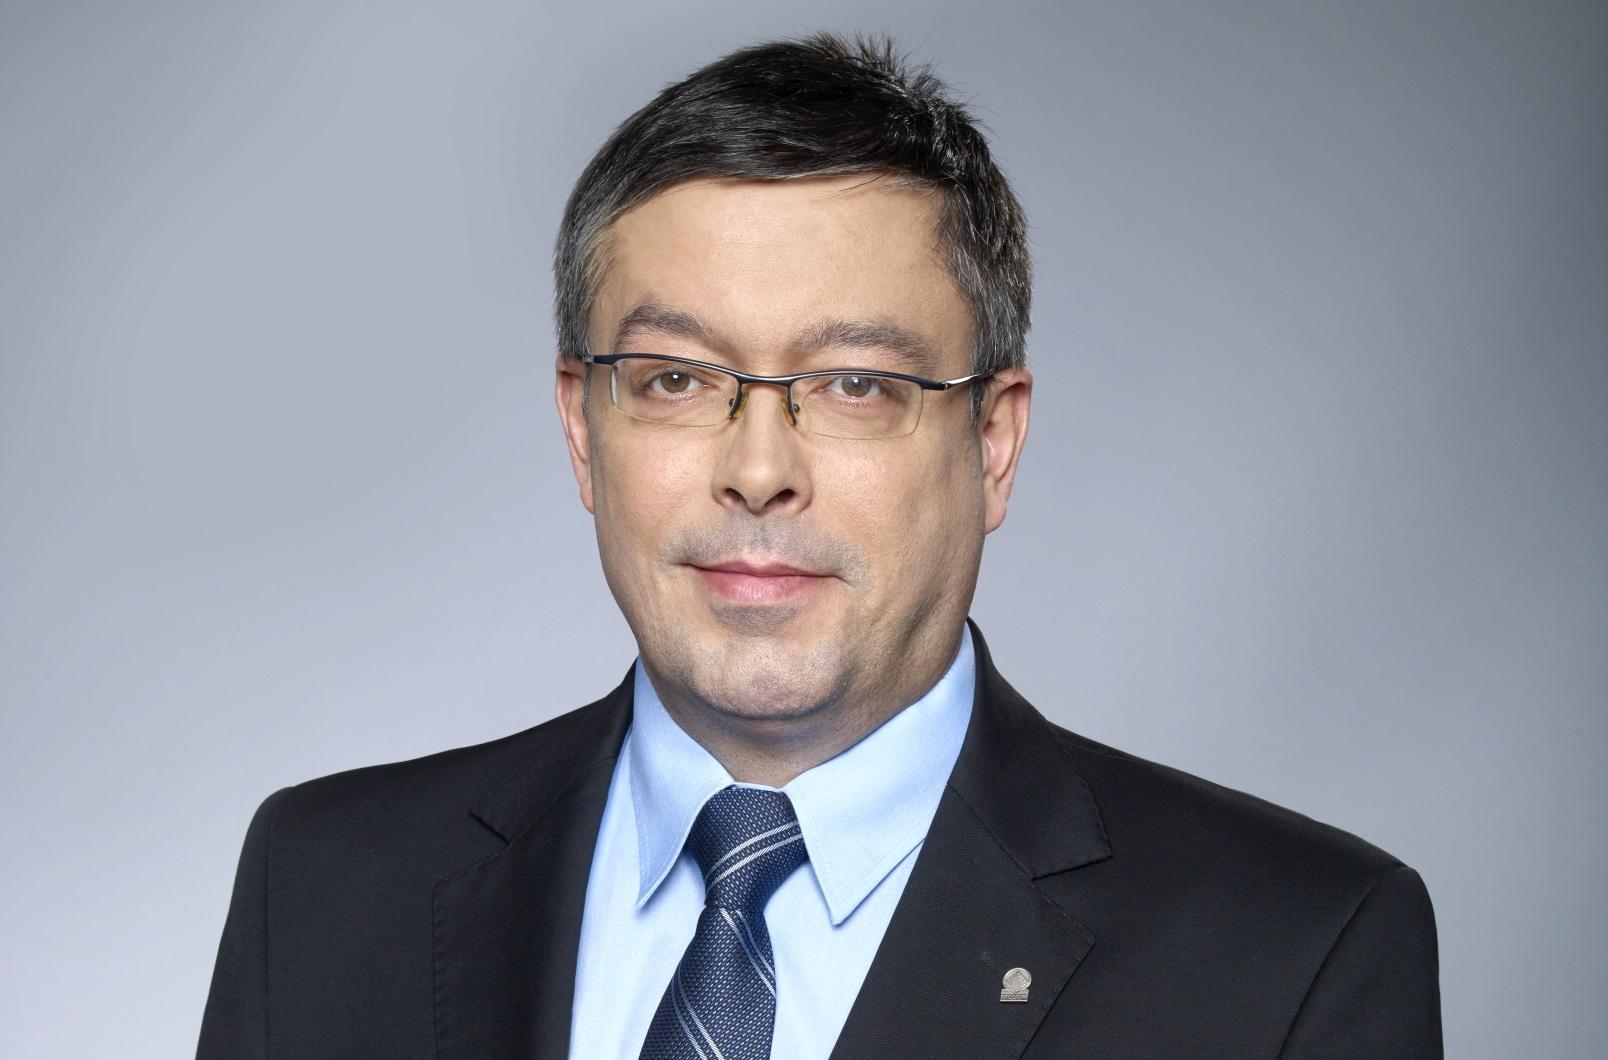 Artur Michalski, wiceprezes zarządu Narodowego Funduszu Ochrony Środowiska i Gospodarki Wodnej (NFOŚiGW).